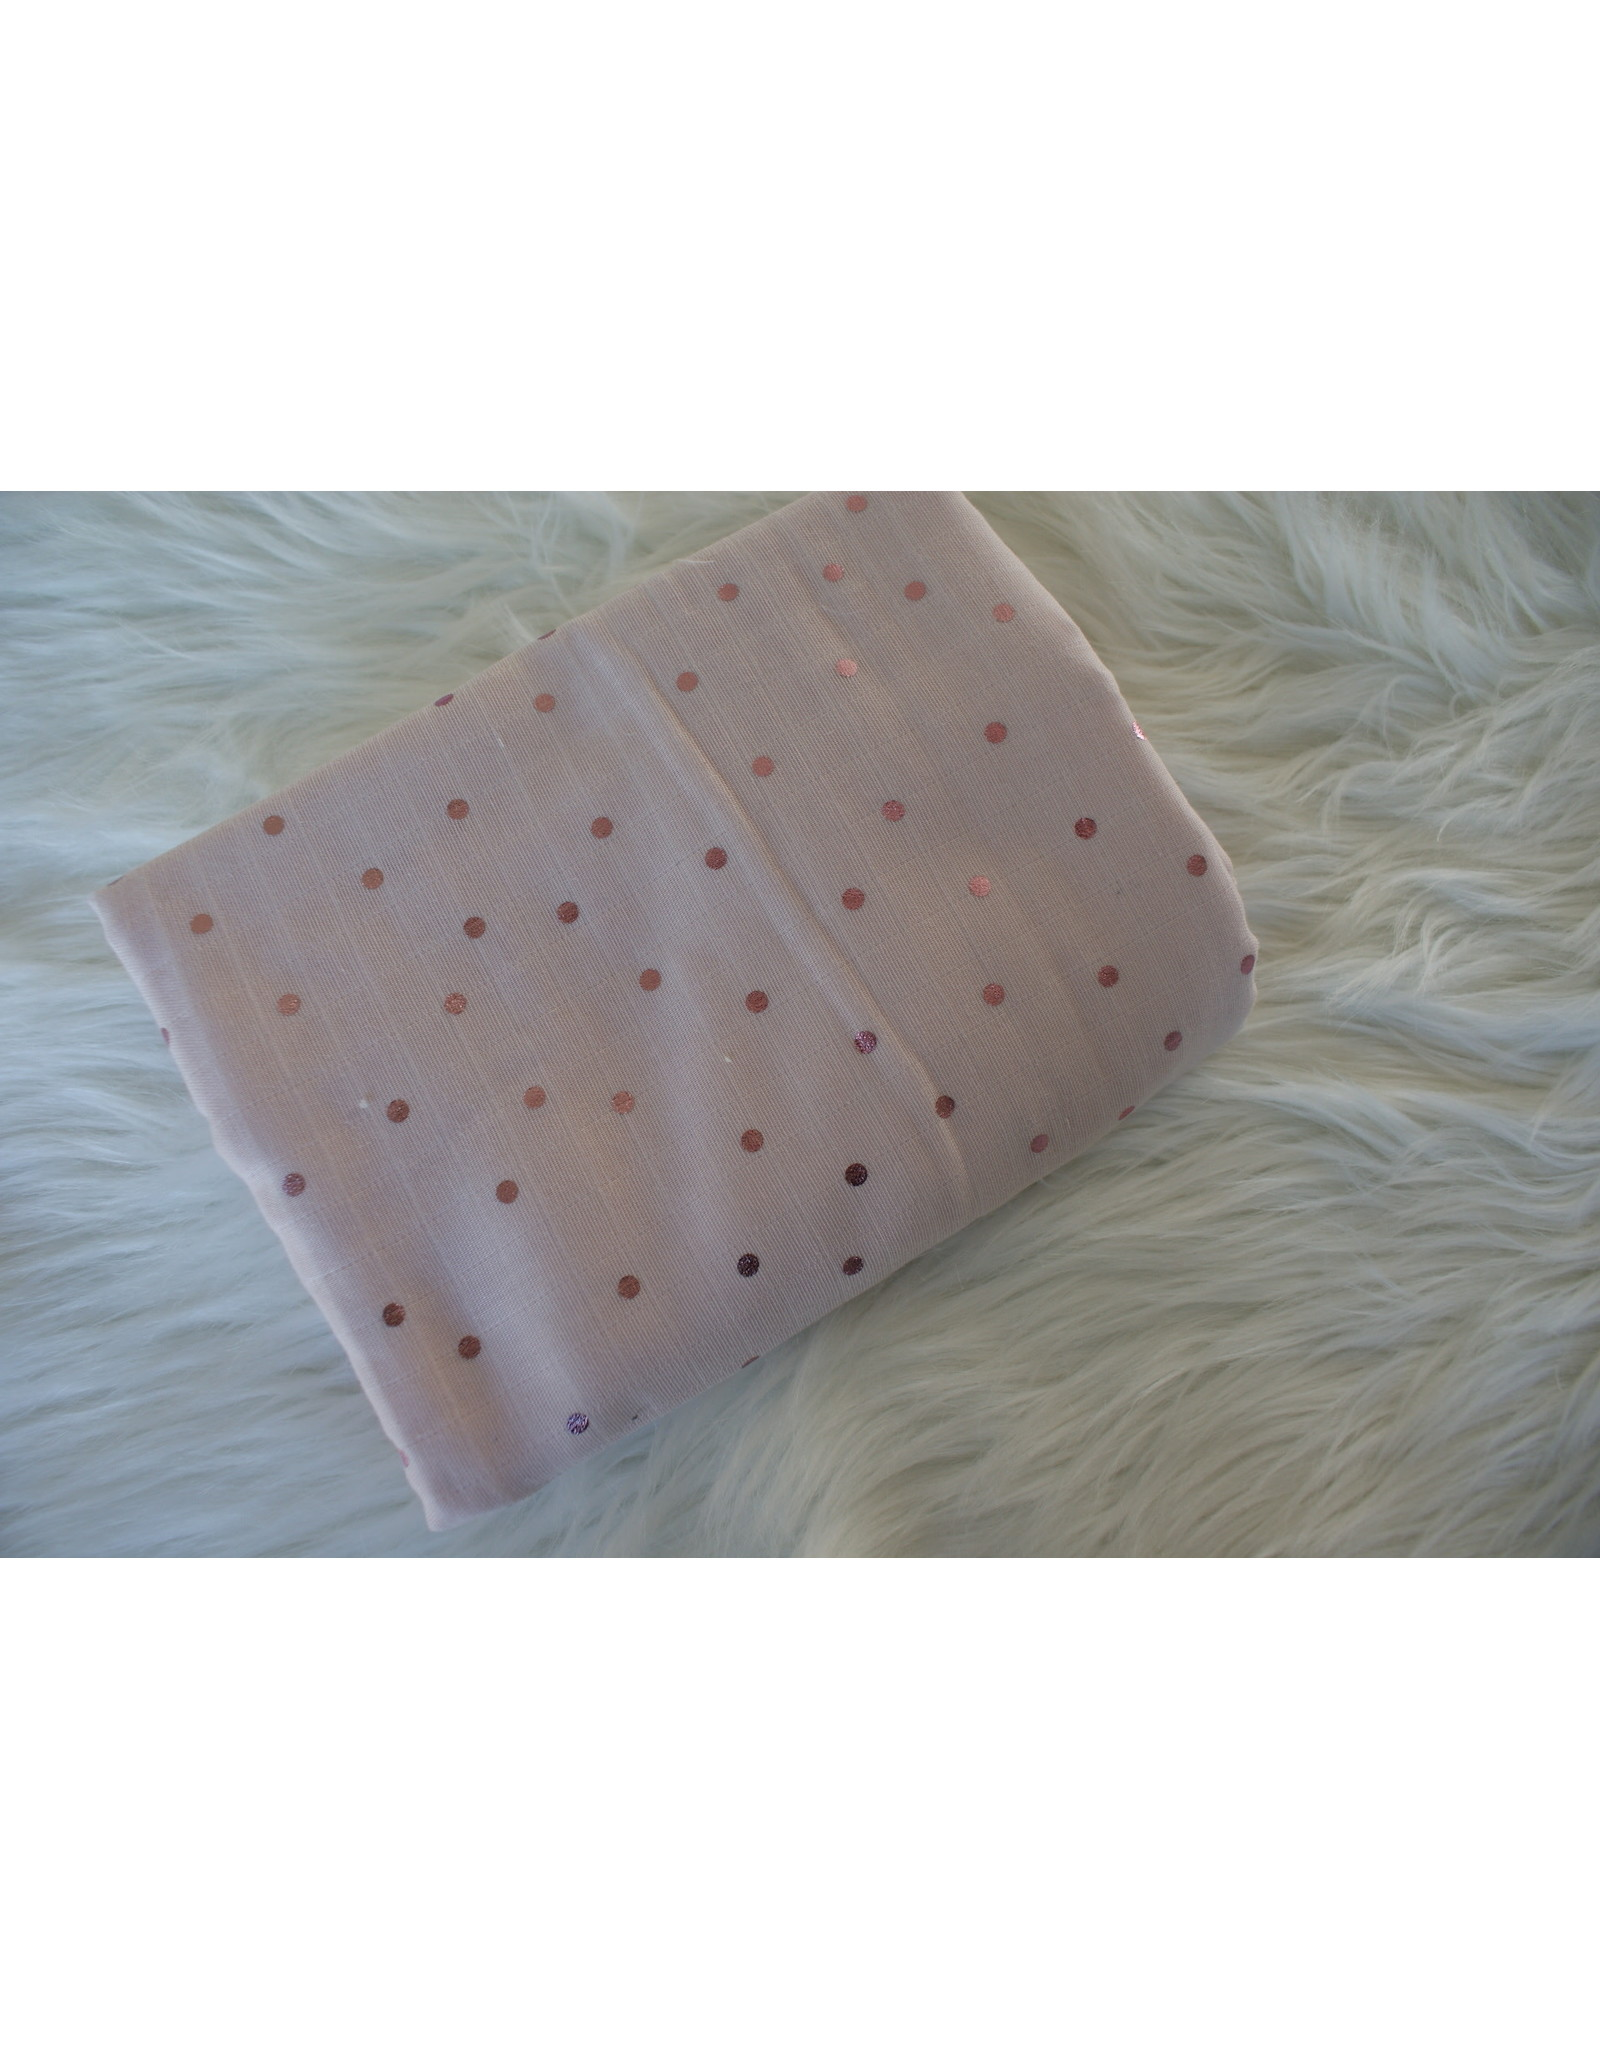 Domotex Double gauze roze hotfoil dots COUPON 1.60m